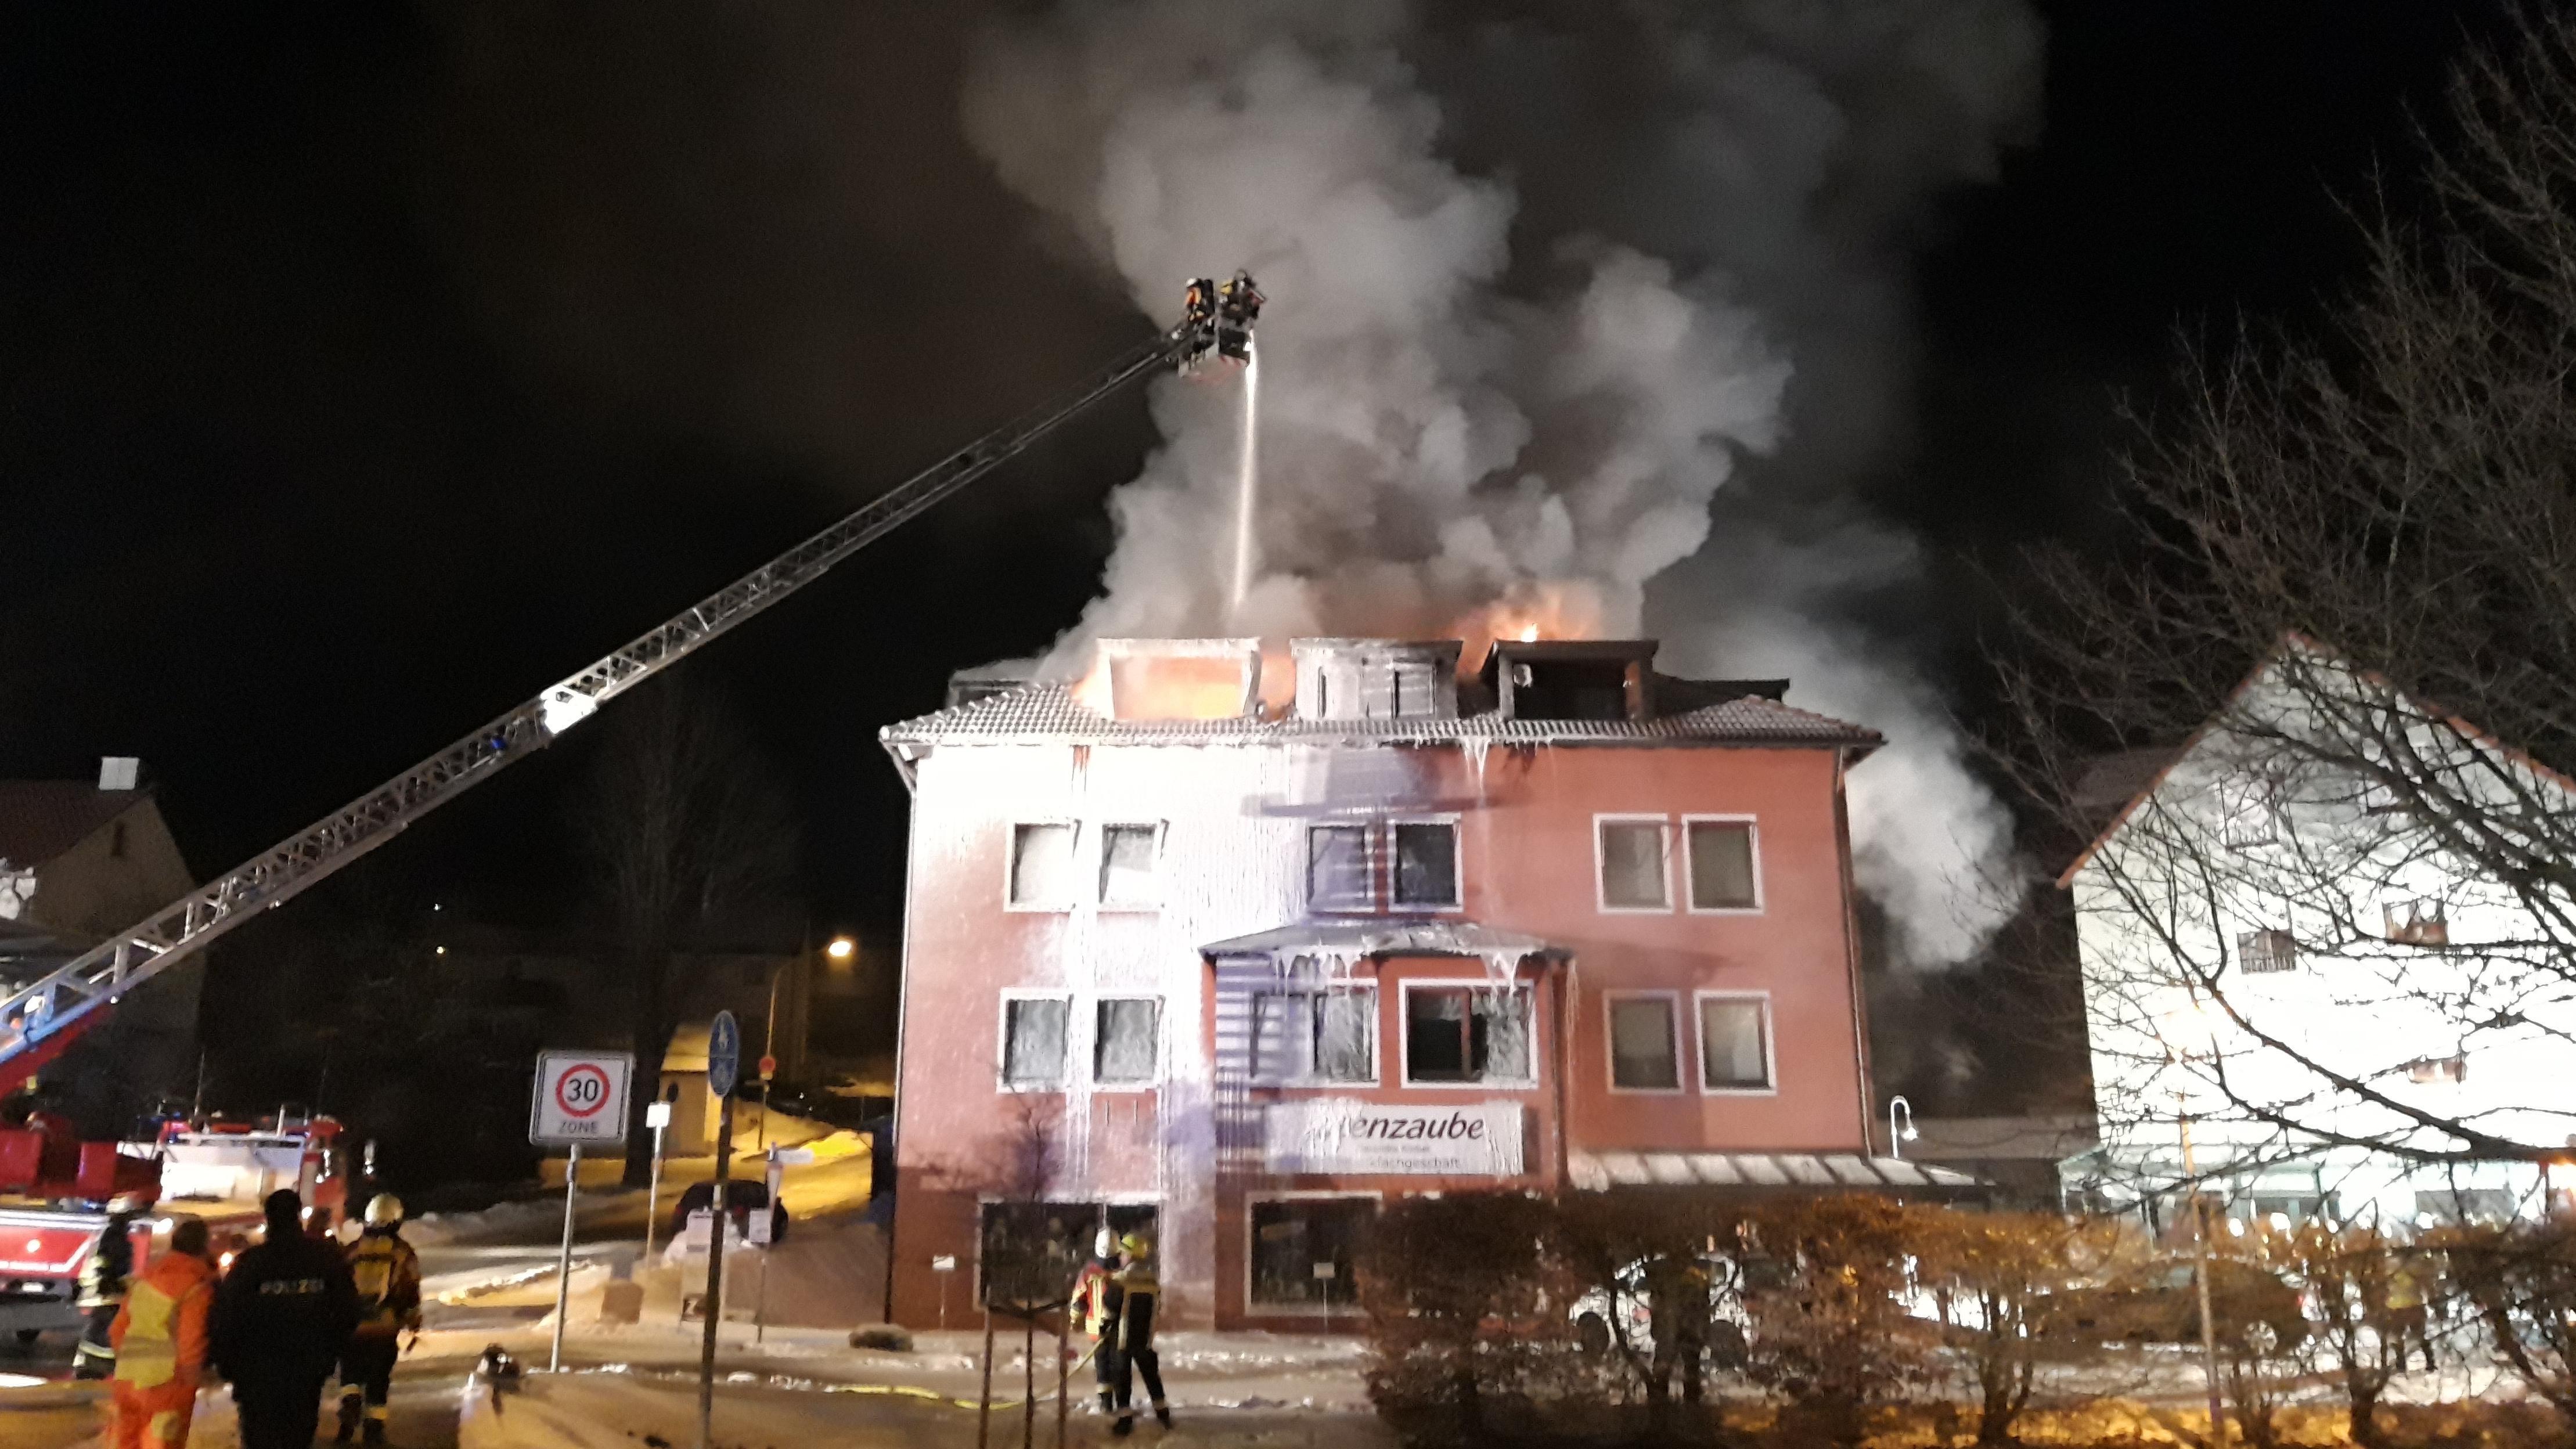 Dachstuhlbrand in einem Wohn- und Geschäftshaus in Pegnitz im Landkreis Bayreuth